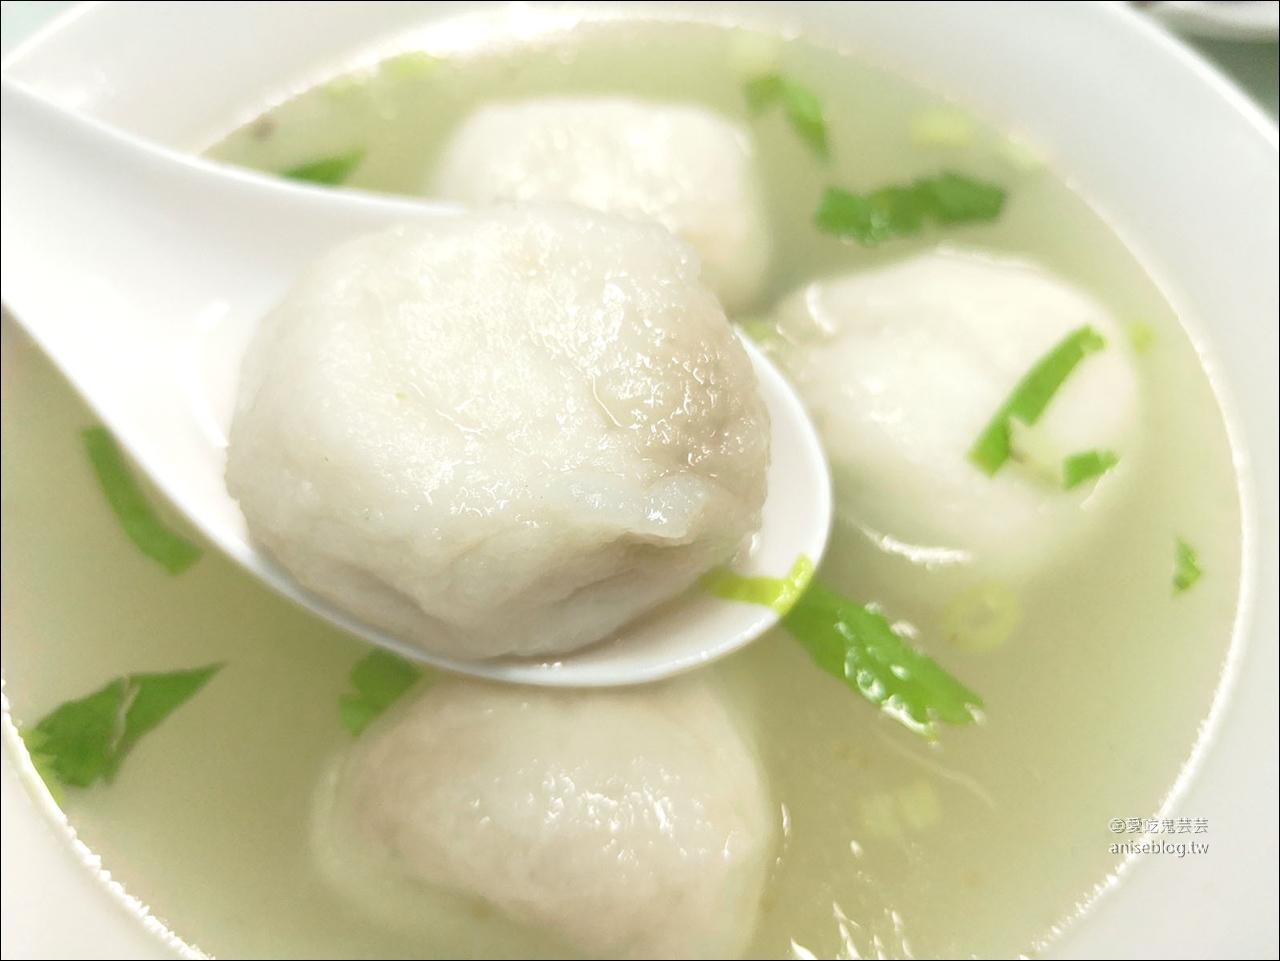 東區小吃 | 易牙妙手食堂 (魚丸店),平價小吃店,有便當哦! @愛吃鬼芸芸